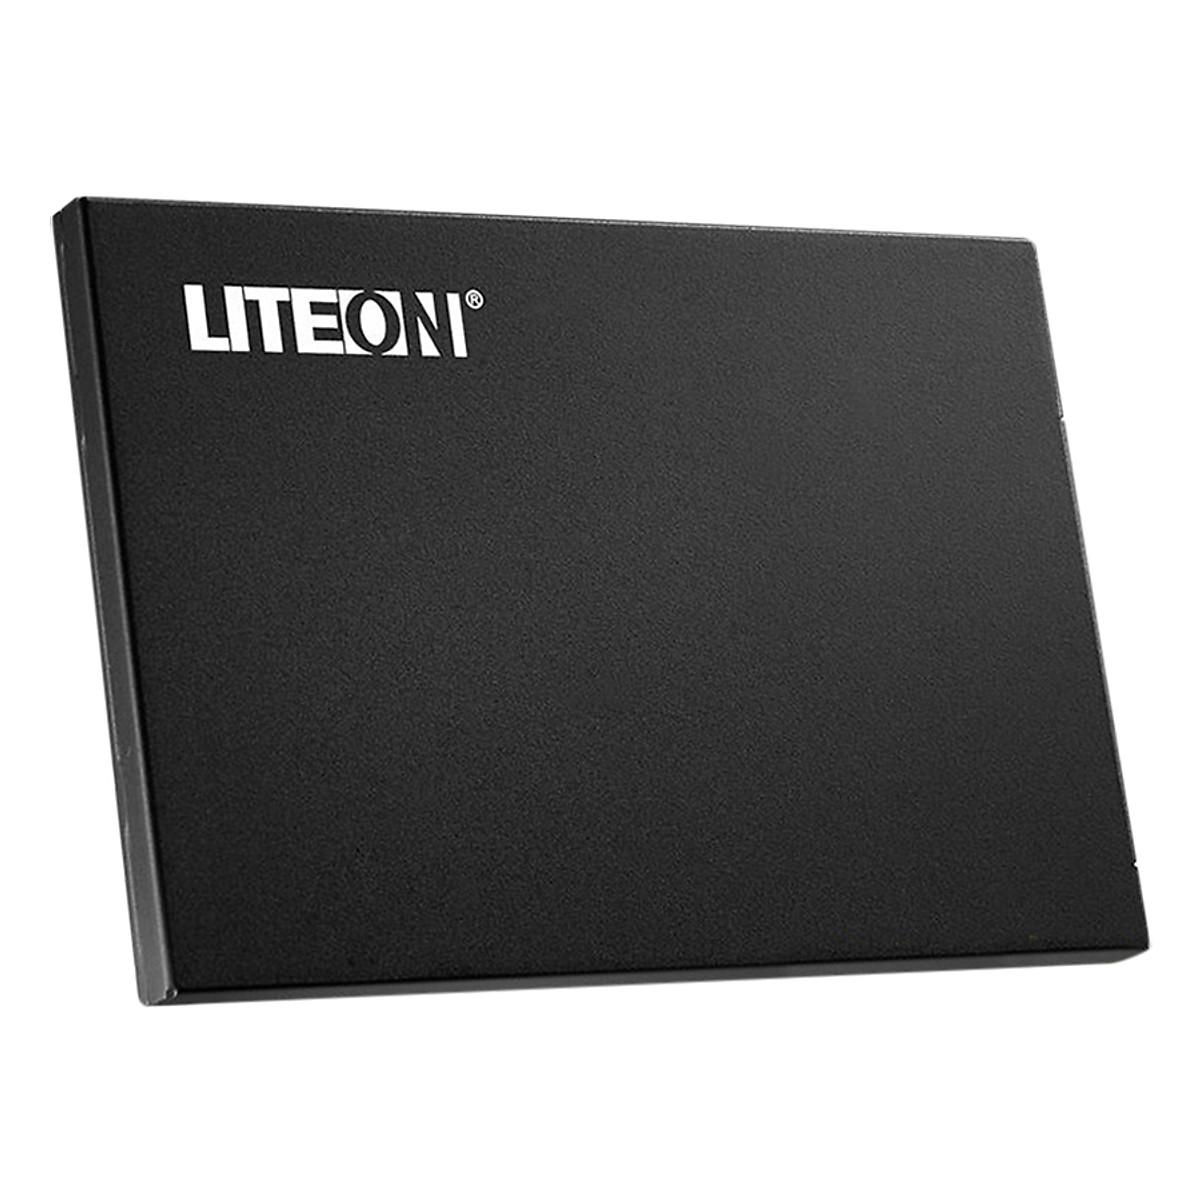 Ổ Cứng SSD LiteOn MU3 PH5-CE120 (120GB) – Đen – Hàng Chính Hãng